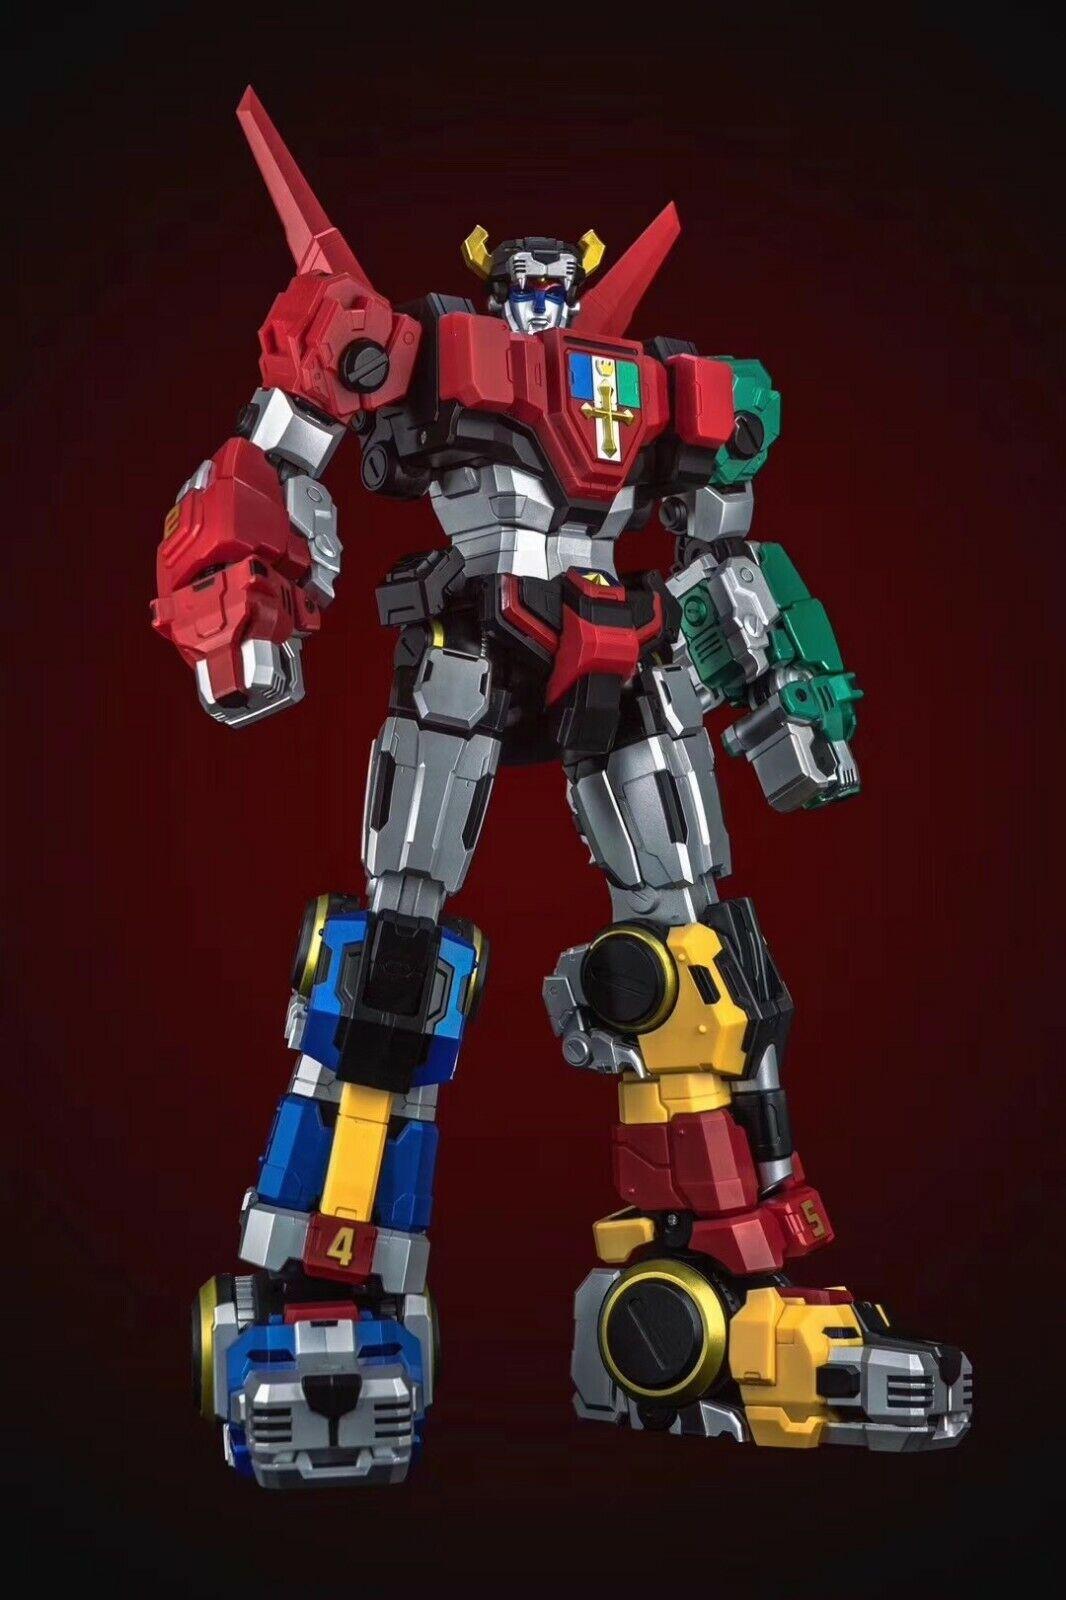 TITAN energia giocattolo GOLION VOLTRON VOLTRON VOLTRON LION FORCE azione cifra pre-ordine full Coloreeeee 9400da